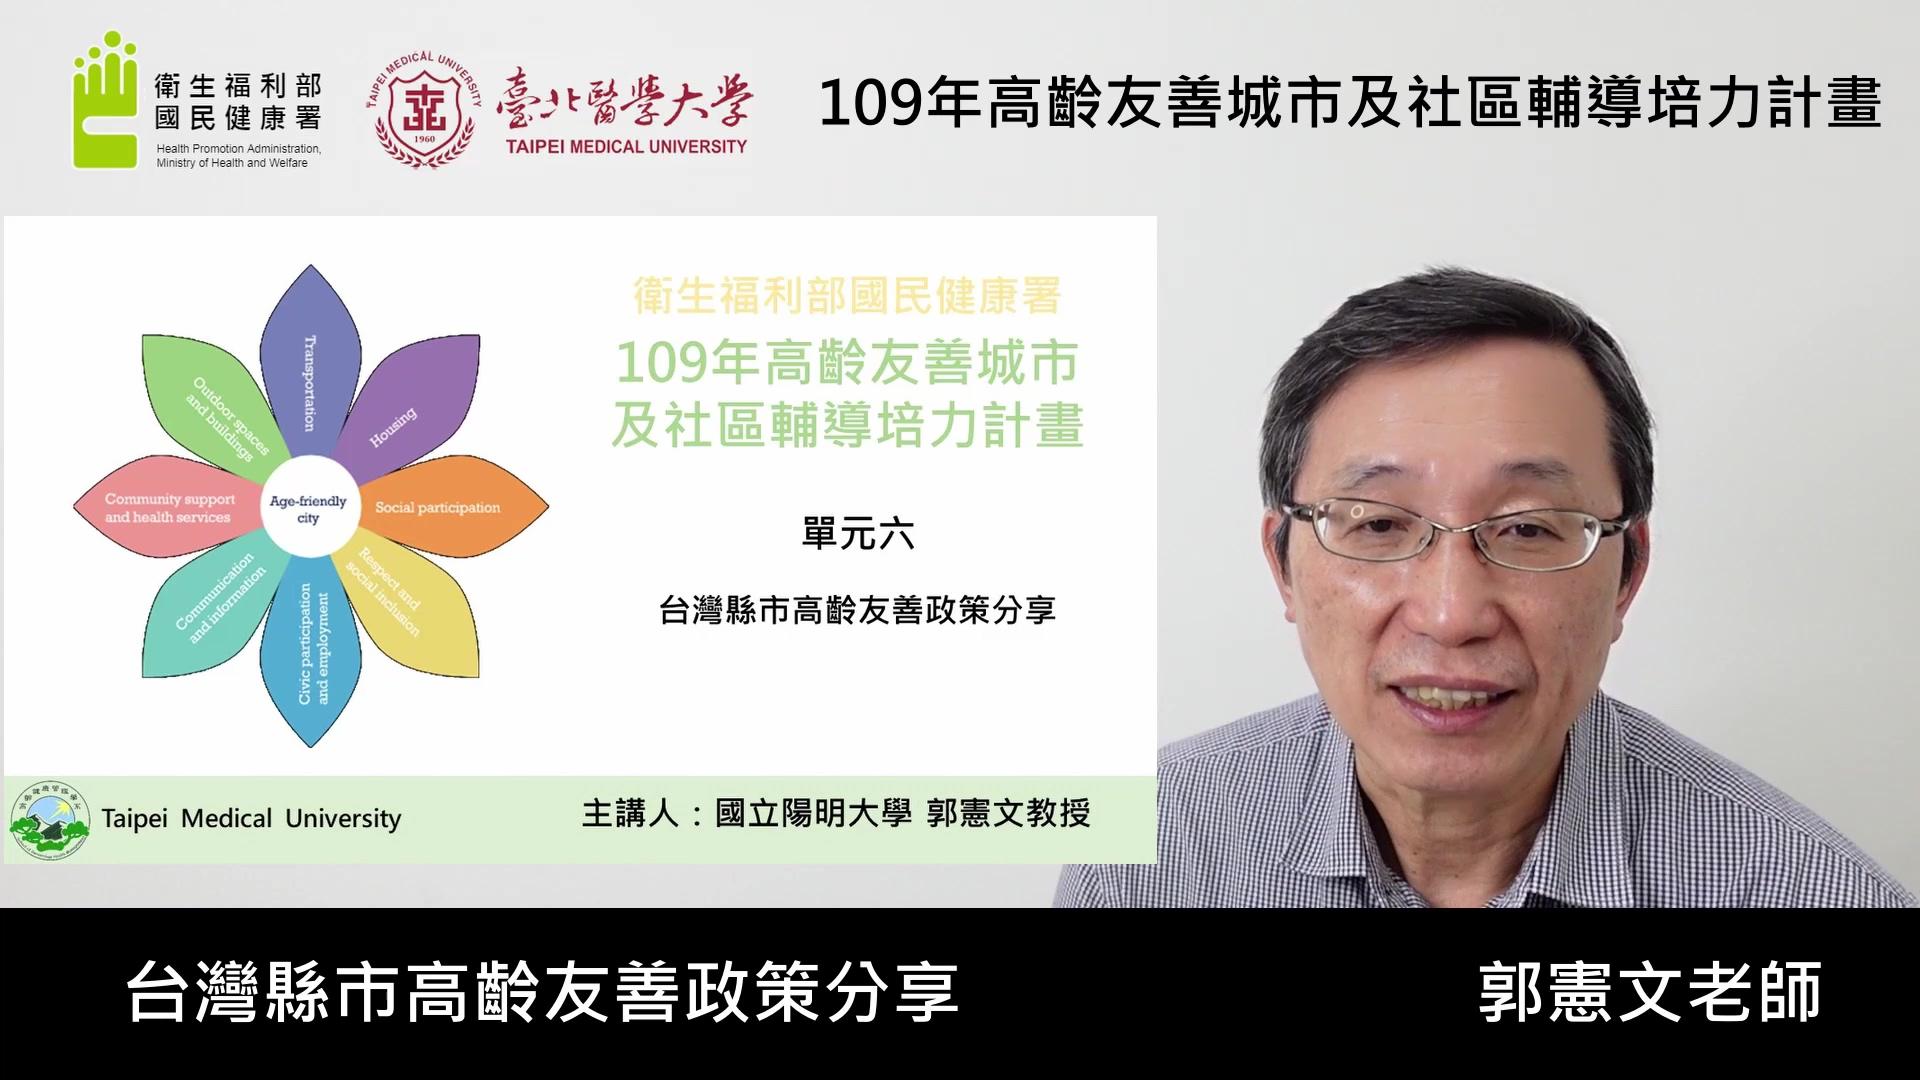 高齡友善城市及社區輔導培力計畫—【培力單元6】台灣縣市高齡友善政策分享